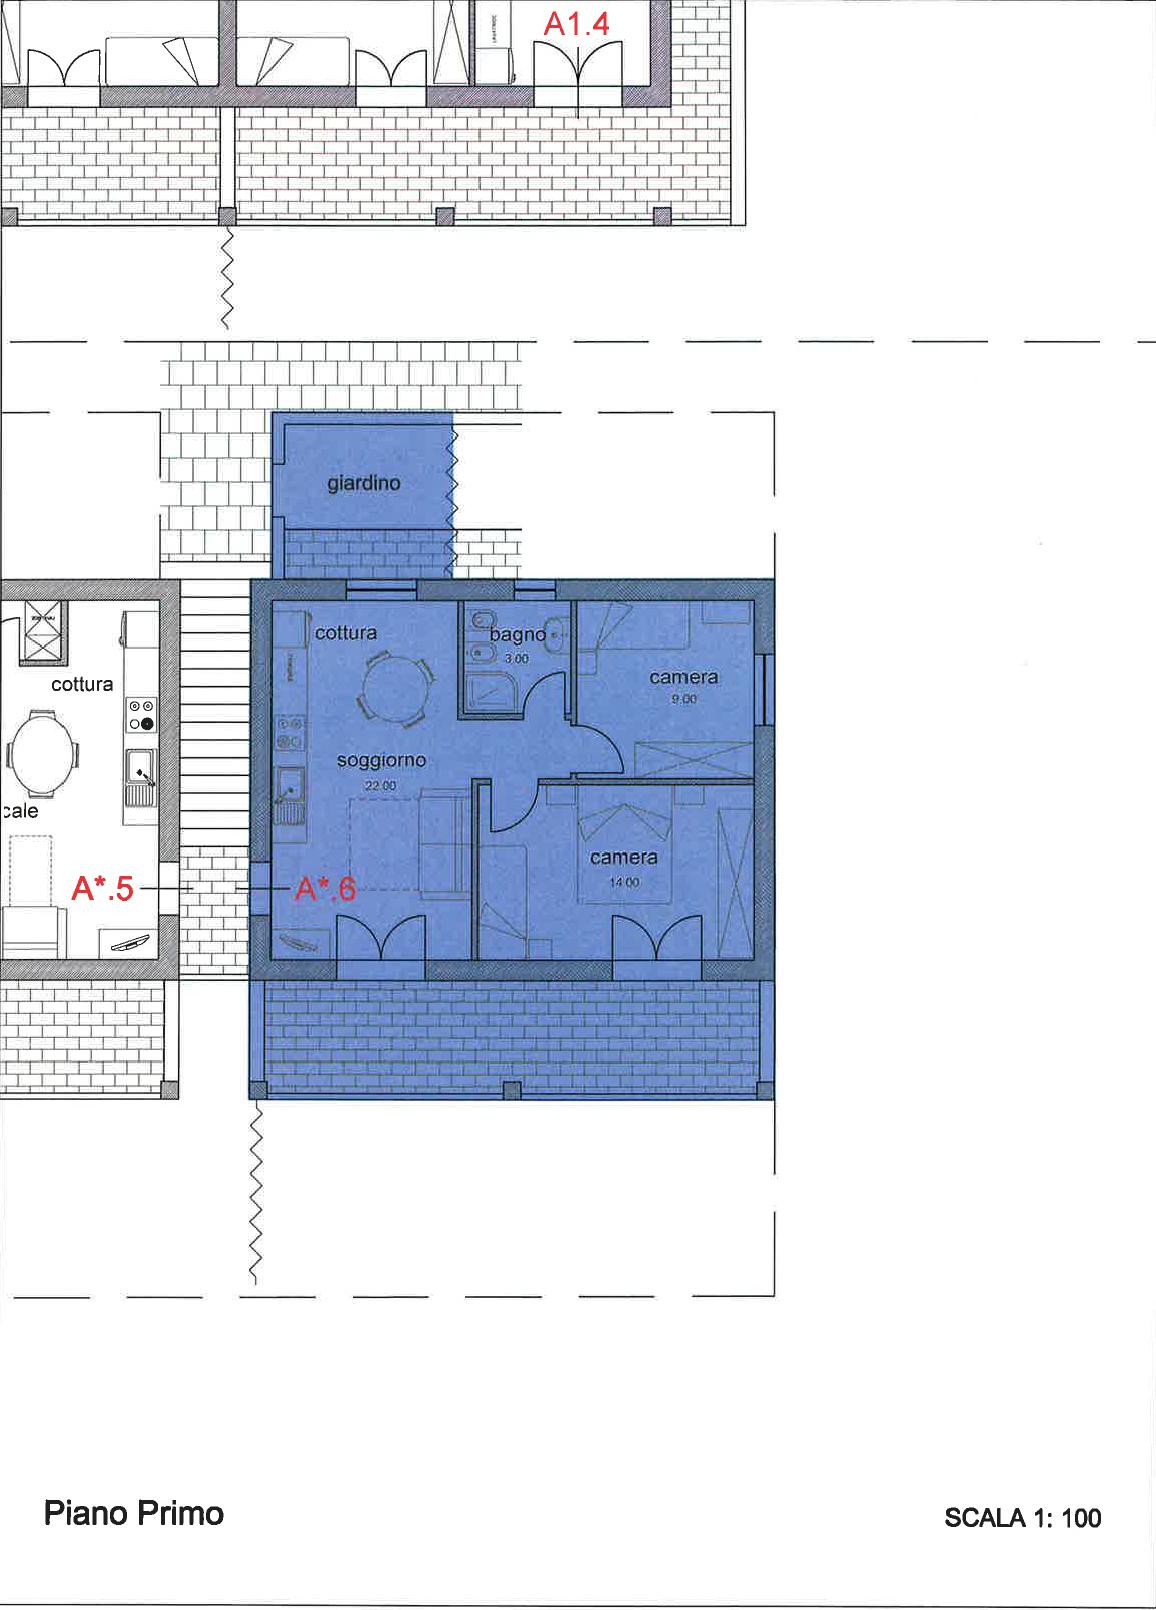 Appartamento in vendita, rif. 259 trilocale (Planimetria 1/1)